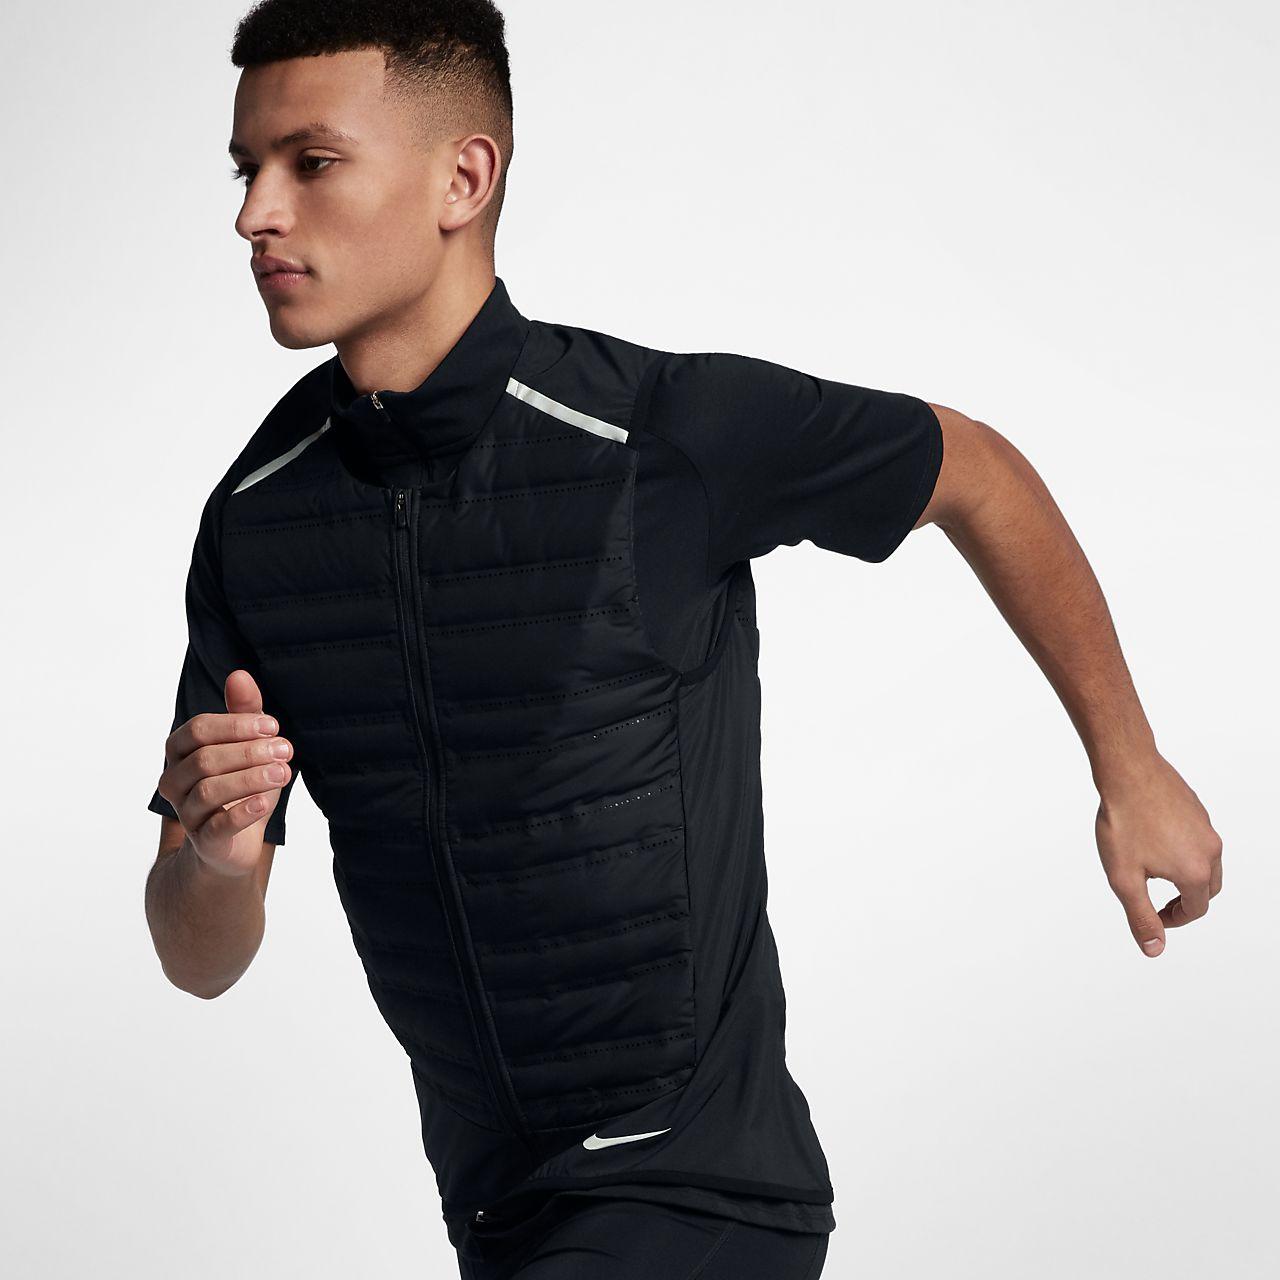 Męski bezrękawnik do biegania Nike AeroLoft